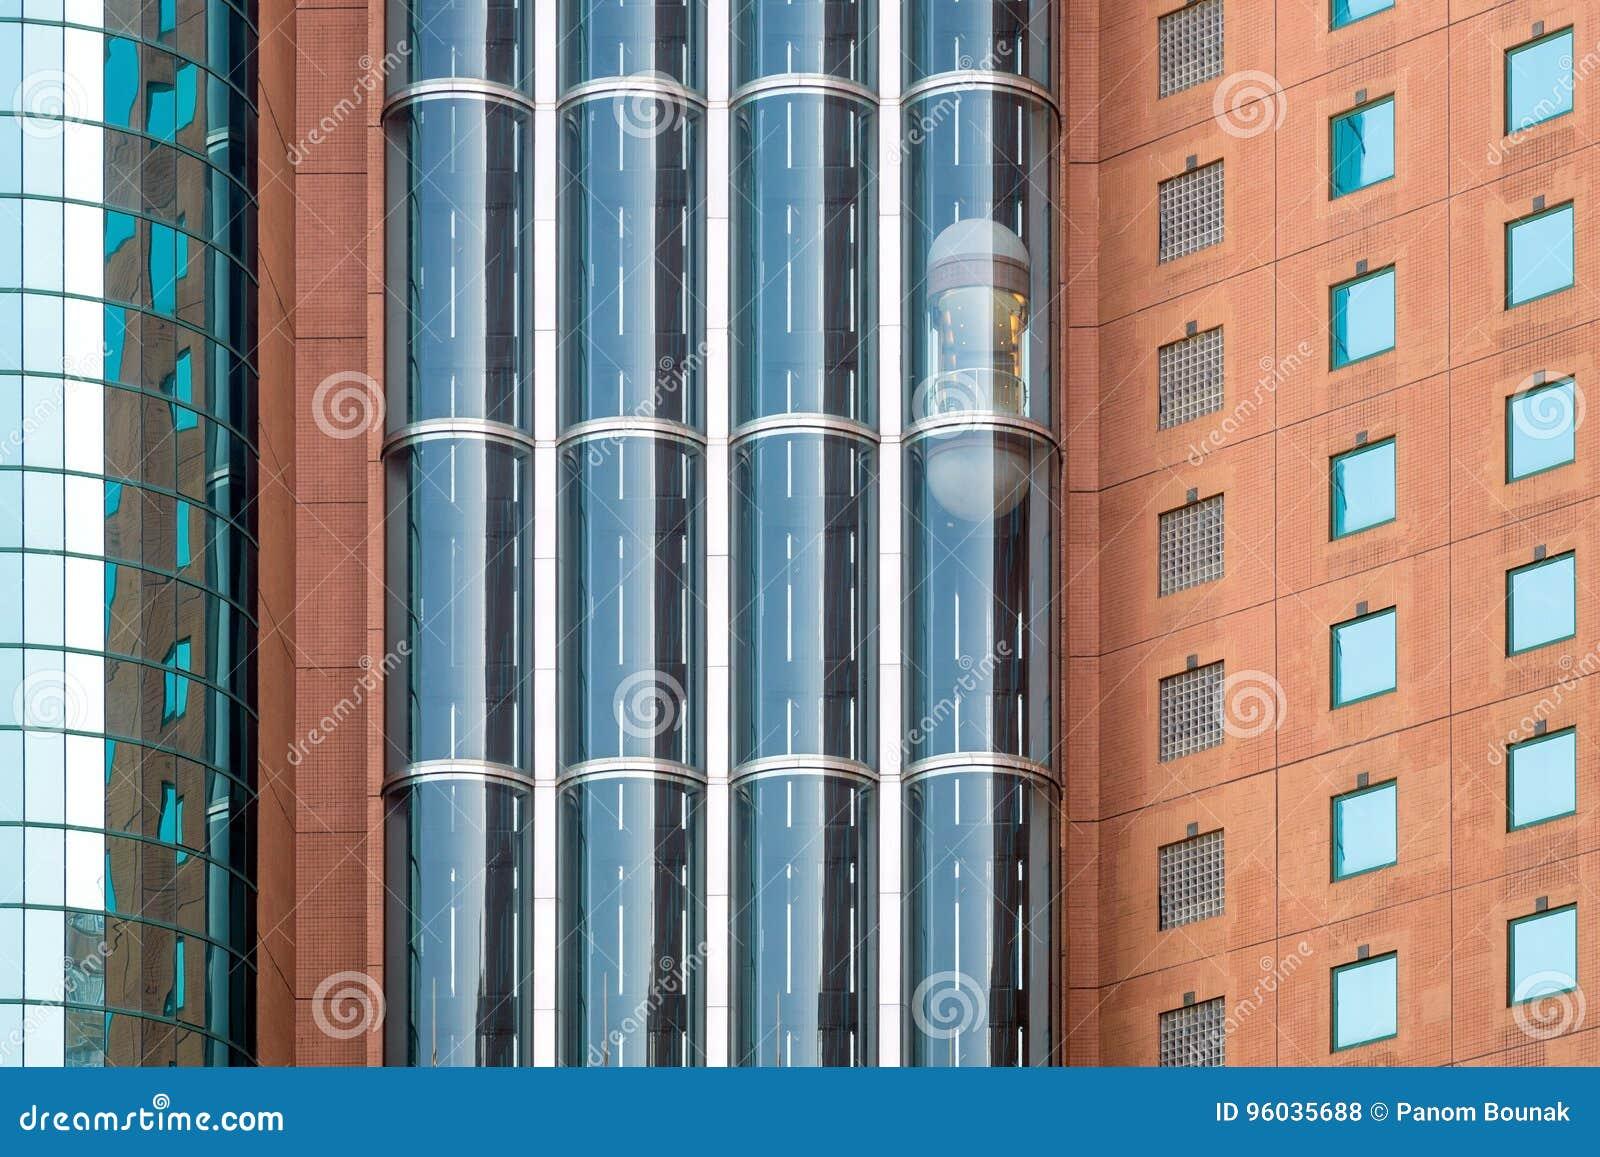 Nowożytne szklane windy lub dźwignięcia w nowym biznesowym budynku